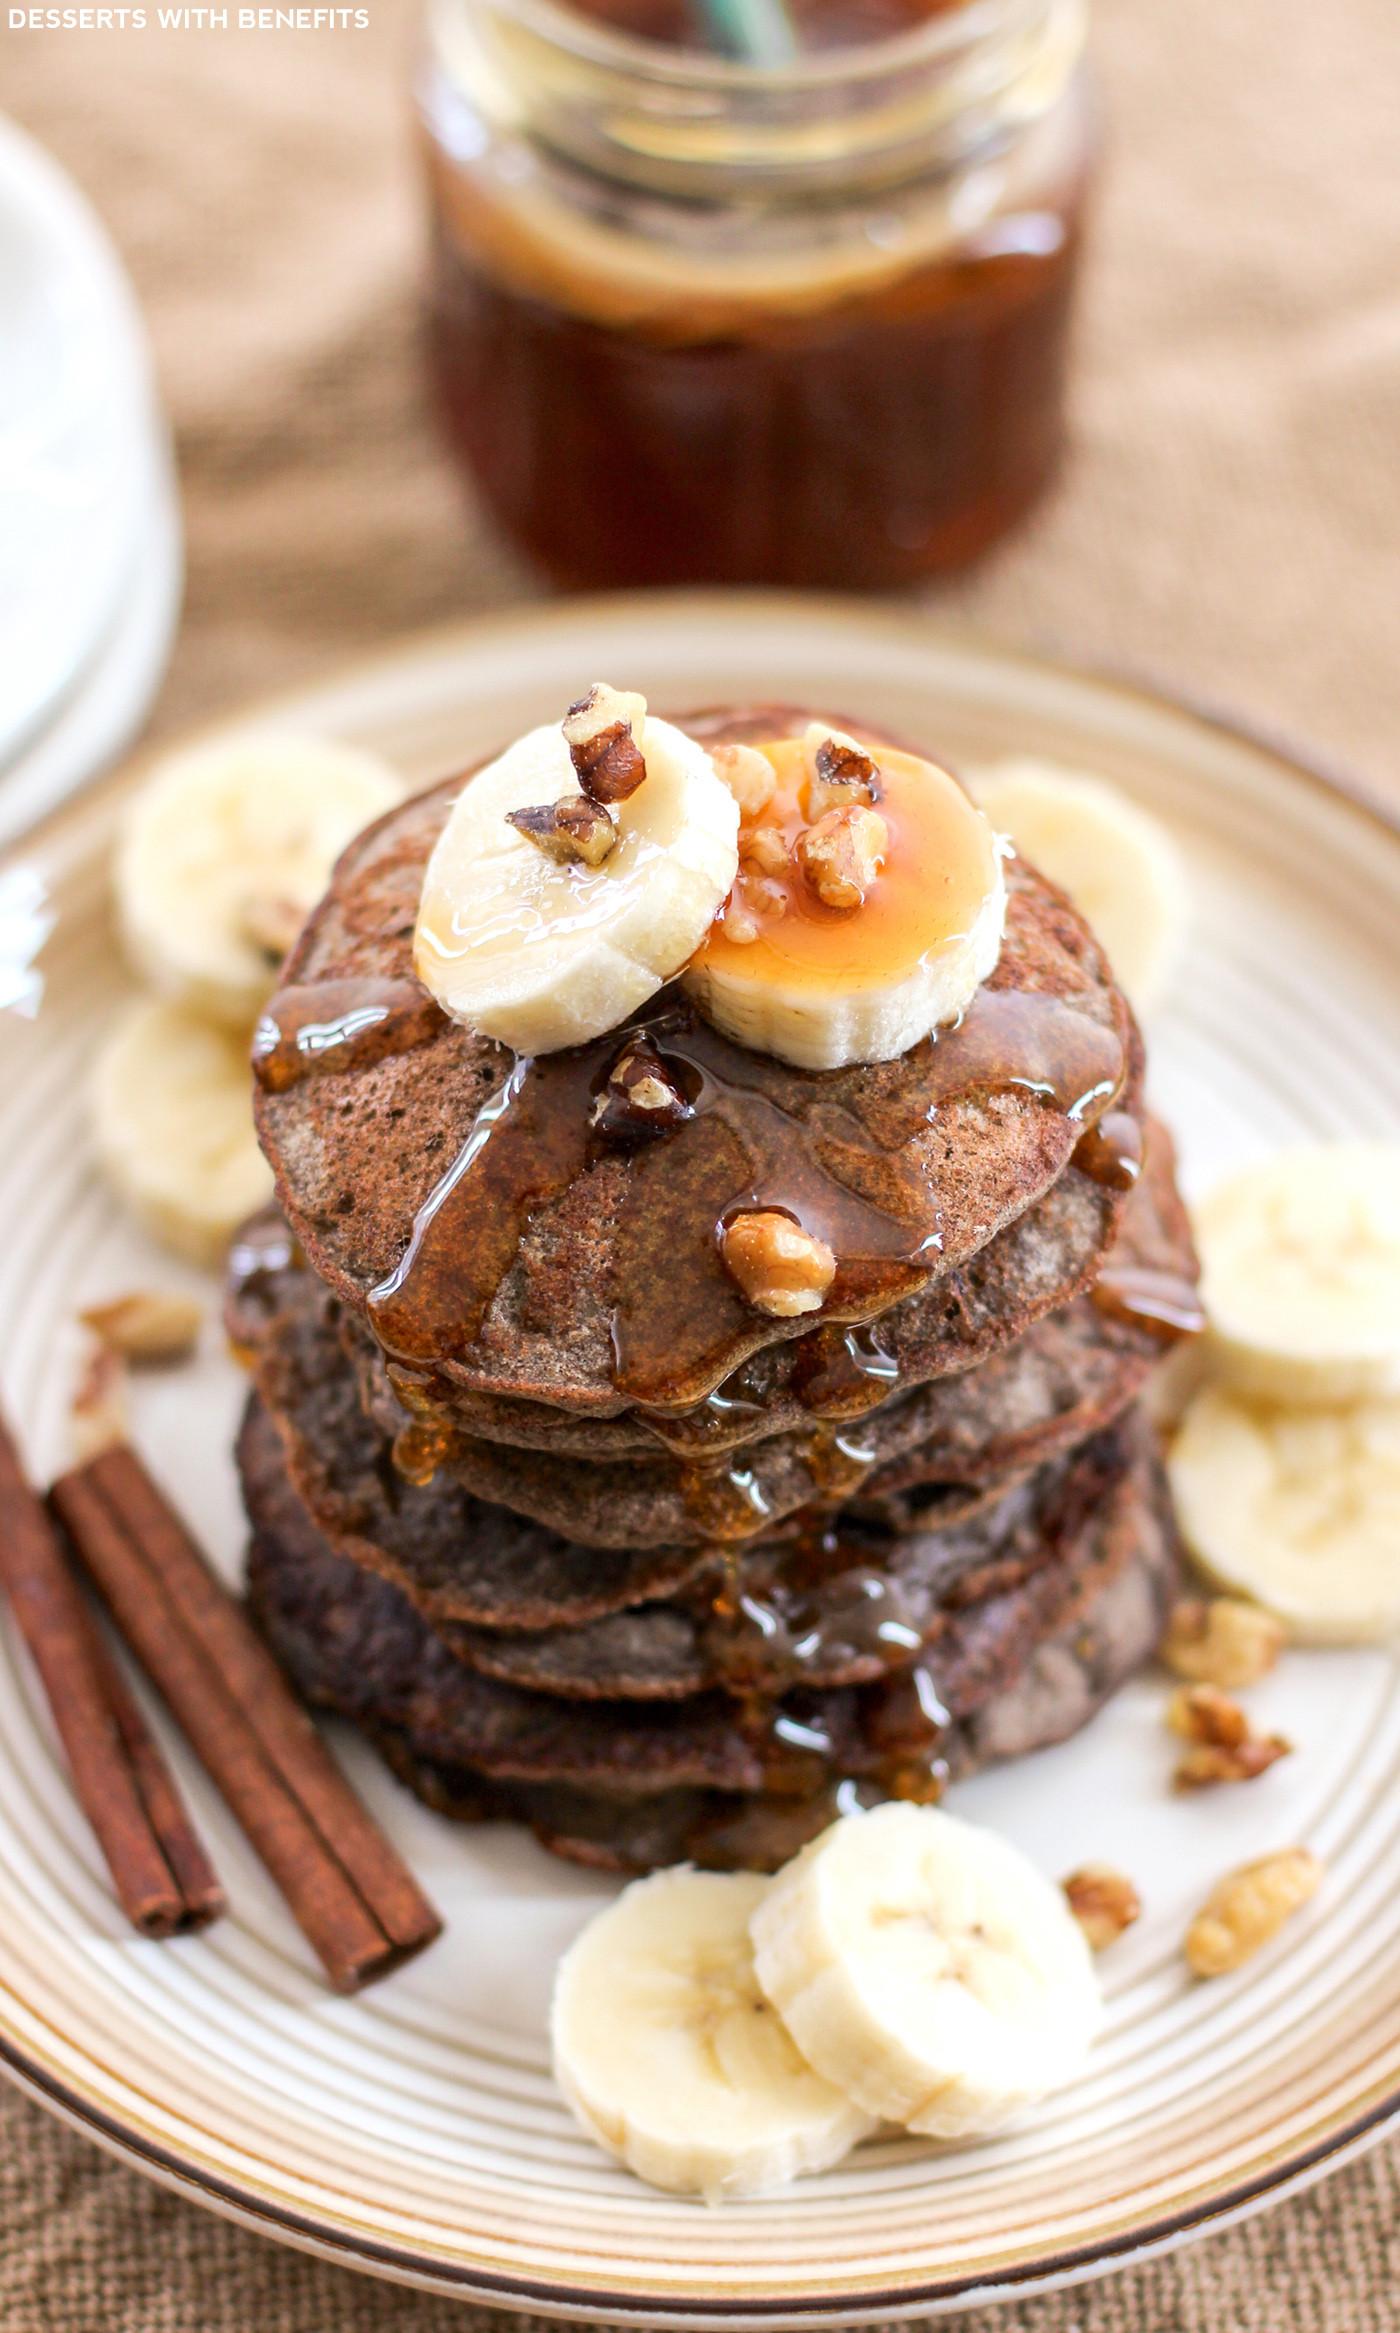 Healthy Banana Recipes  Healthy Banana Buckwheat Pancakes Recipe low fat gluten